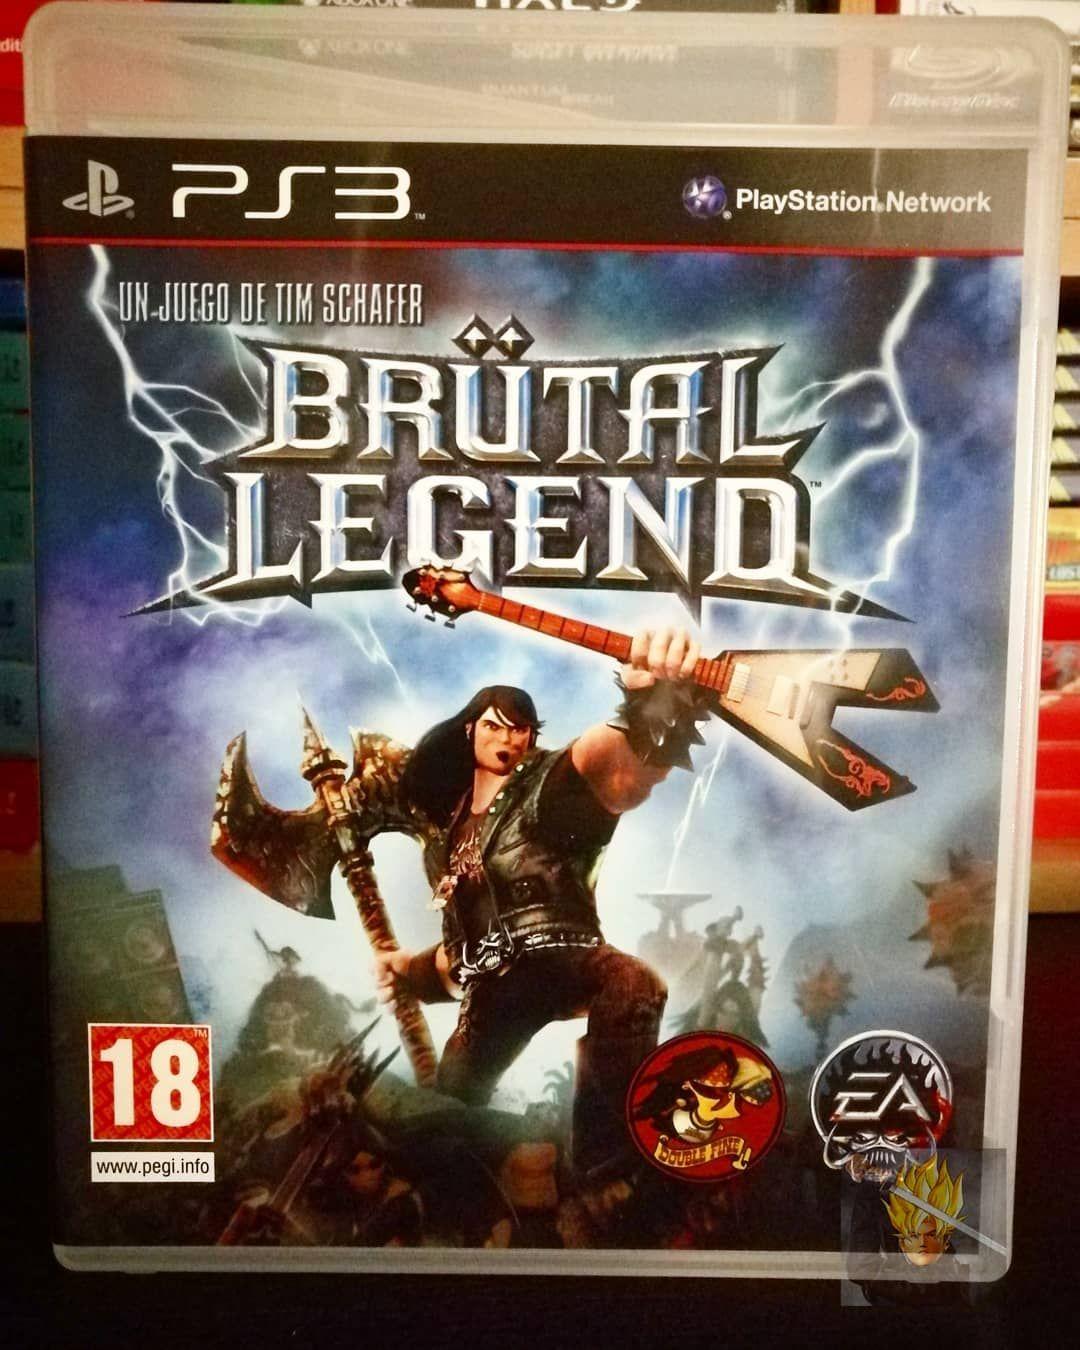 Titulo Brutal Legend Plataforma Playstation 3 Lanzamiento 16 10